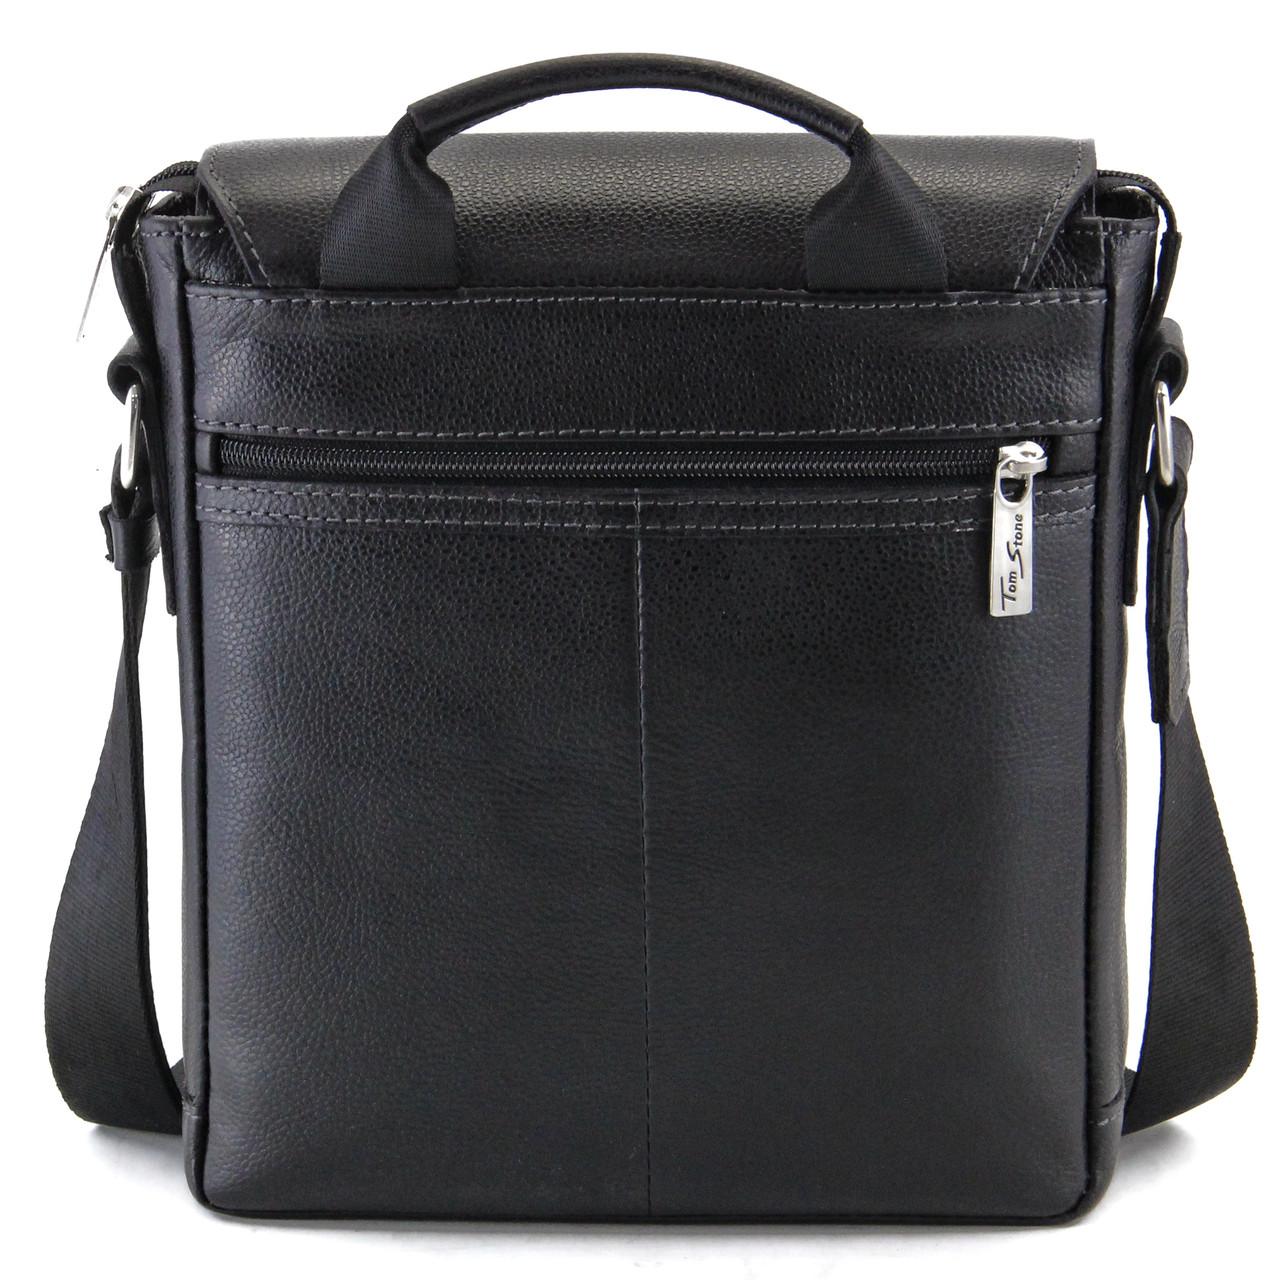 91cf172def95 Мужская кожаная сумка с ручкой Tom Stone, цена 2 350 грн., купить в  Черкассах — Prom.ua (ID#458316923)